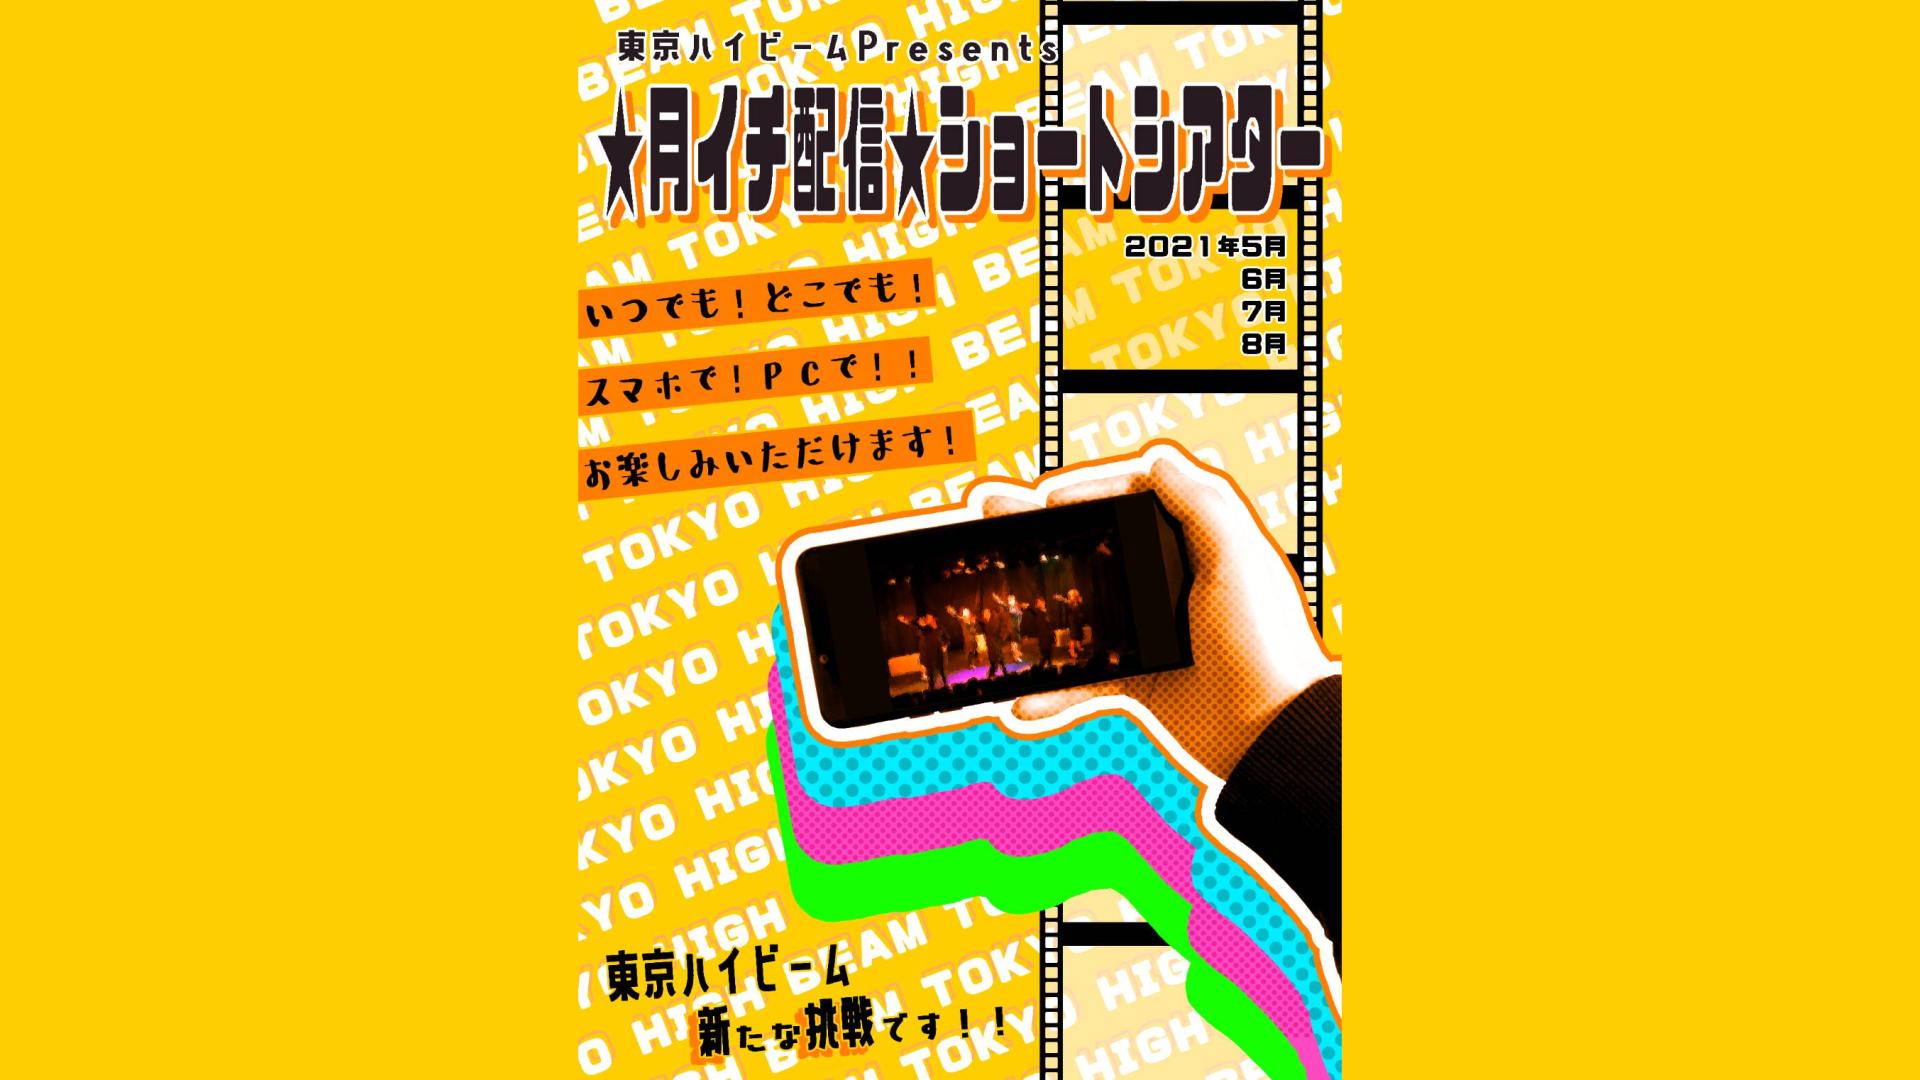 東京ハイビームPresents☆月イチ☆配信ショートシアター  8月配信作品「ゴーストよ、こんにちわ」